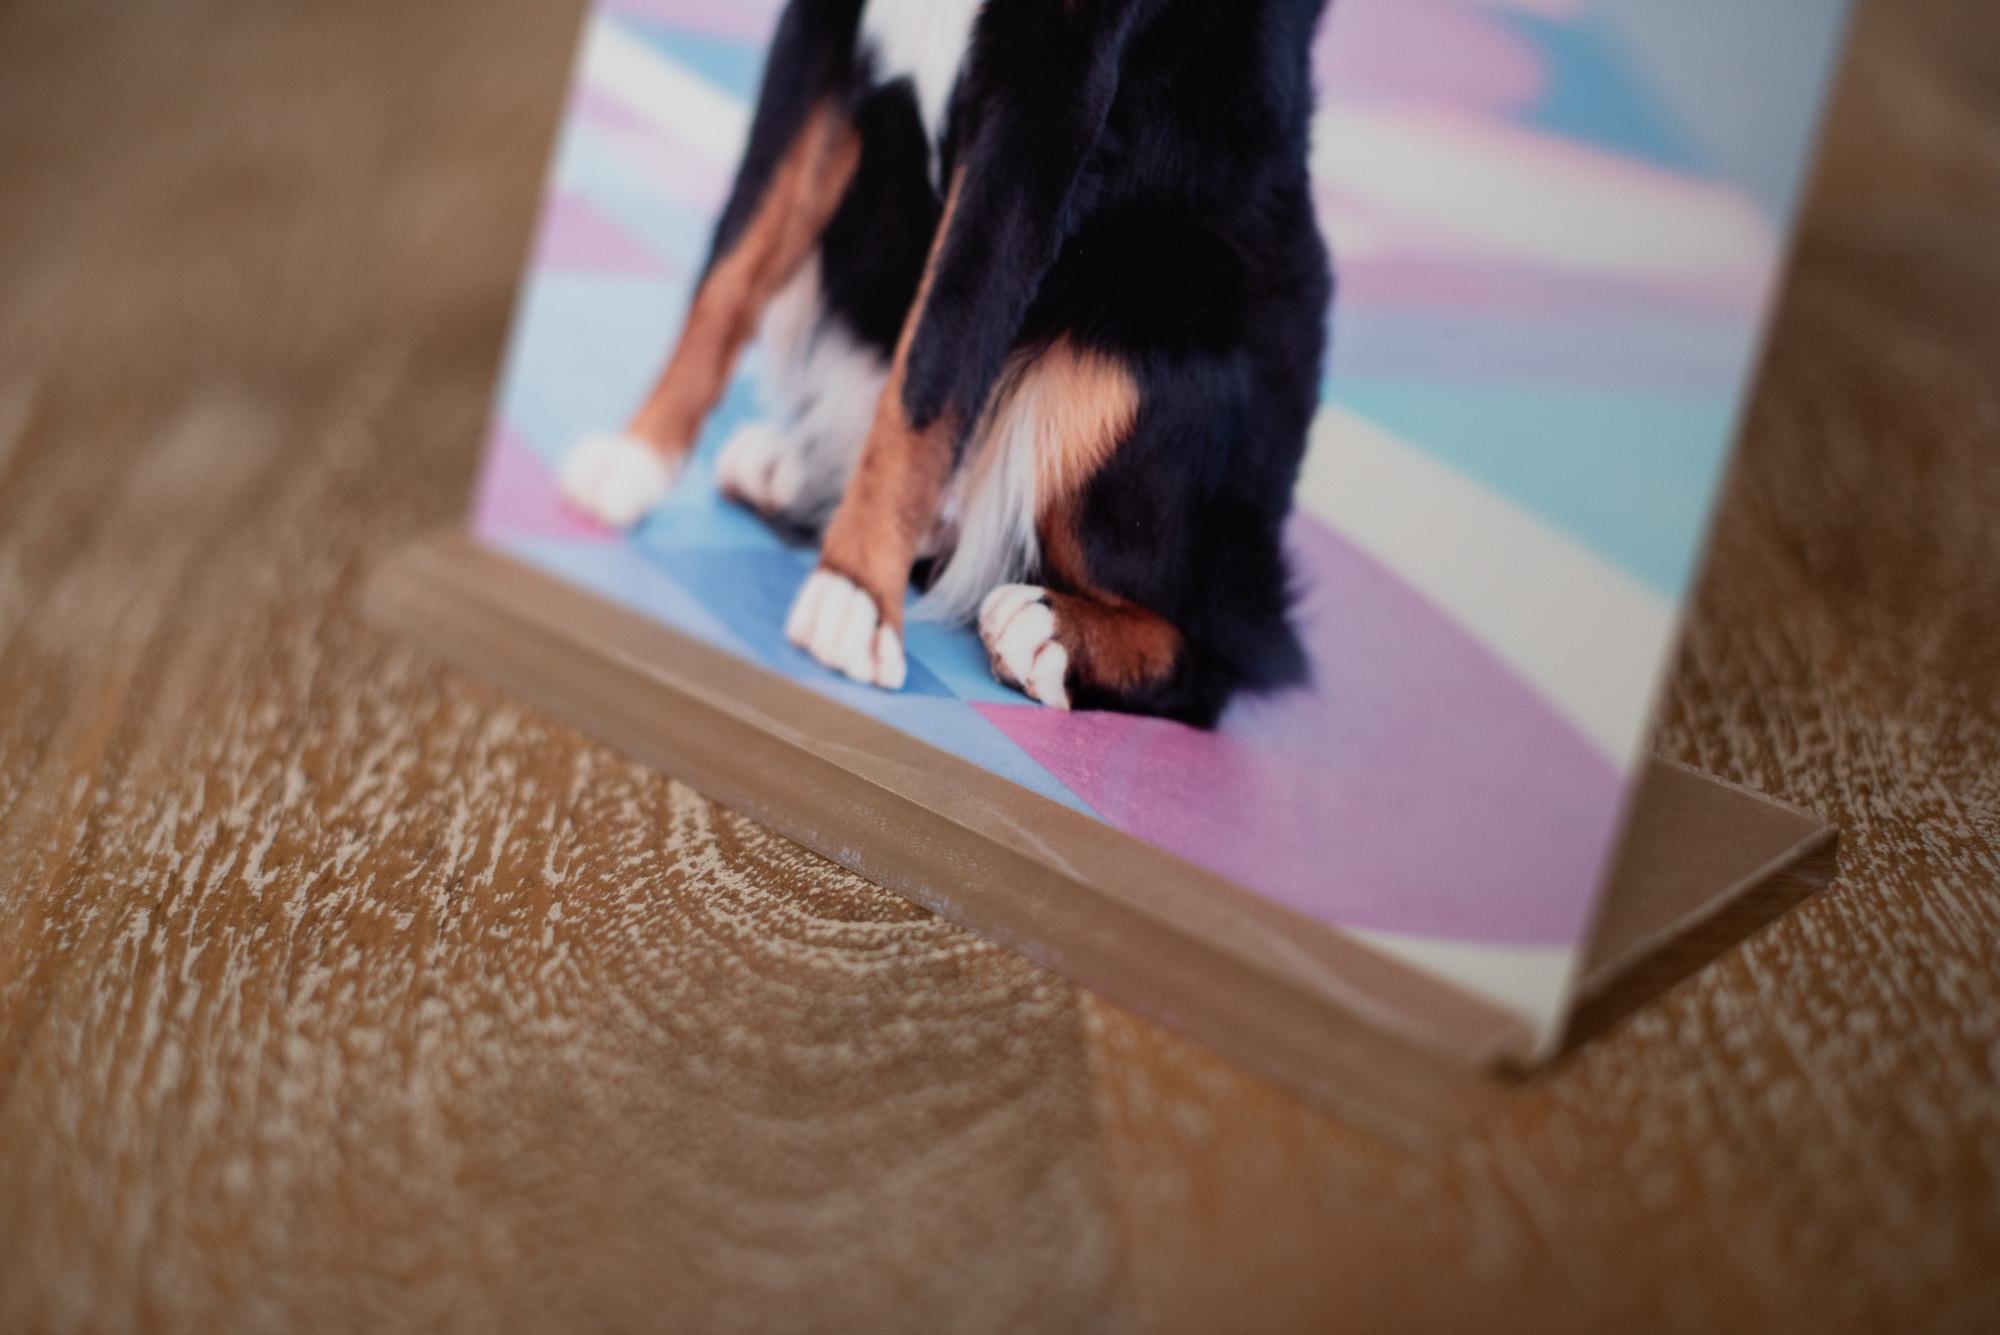 dog photo metal base.JPG